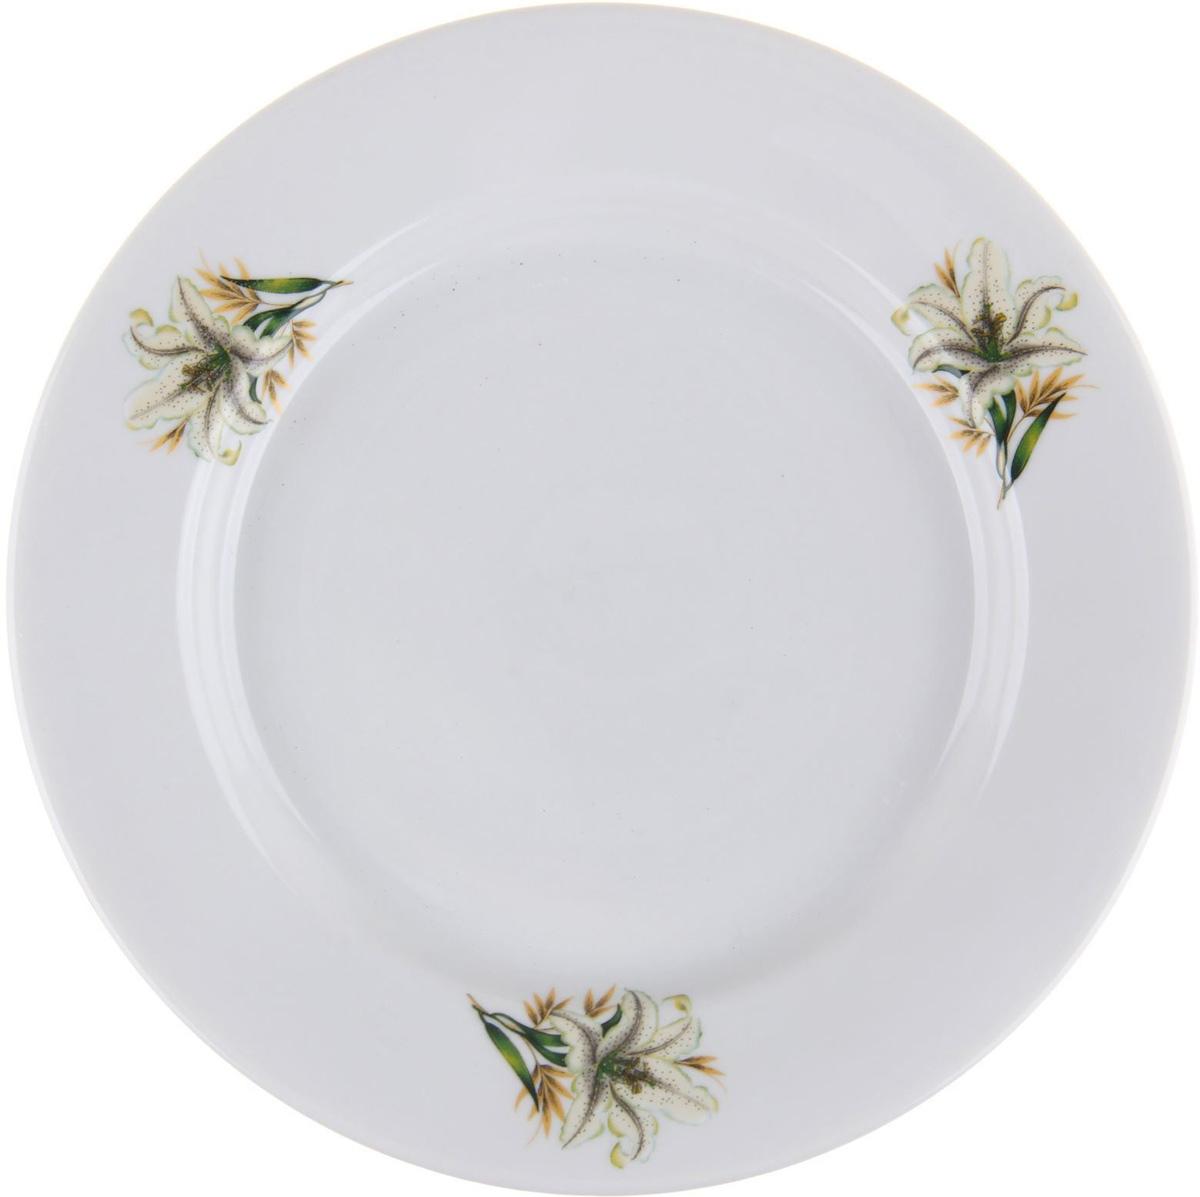 Тарелка мелкая Фарфор Вербилок Белая лилия, диаметр 20 см. 10168221016822От качества посуды зависит не только вкус еды, но и здоровье человека. Тарелка - товар, соответствующий российским стандартам качества. Любой хозяйке будет приятно держать его в руках. С такой посудой и кухонной утварью приготовление еды и сервировка стола превратятся в настоящий праздник.